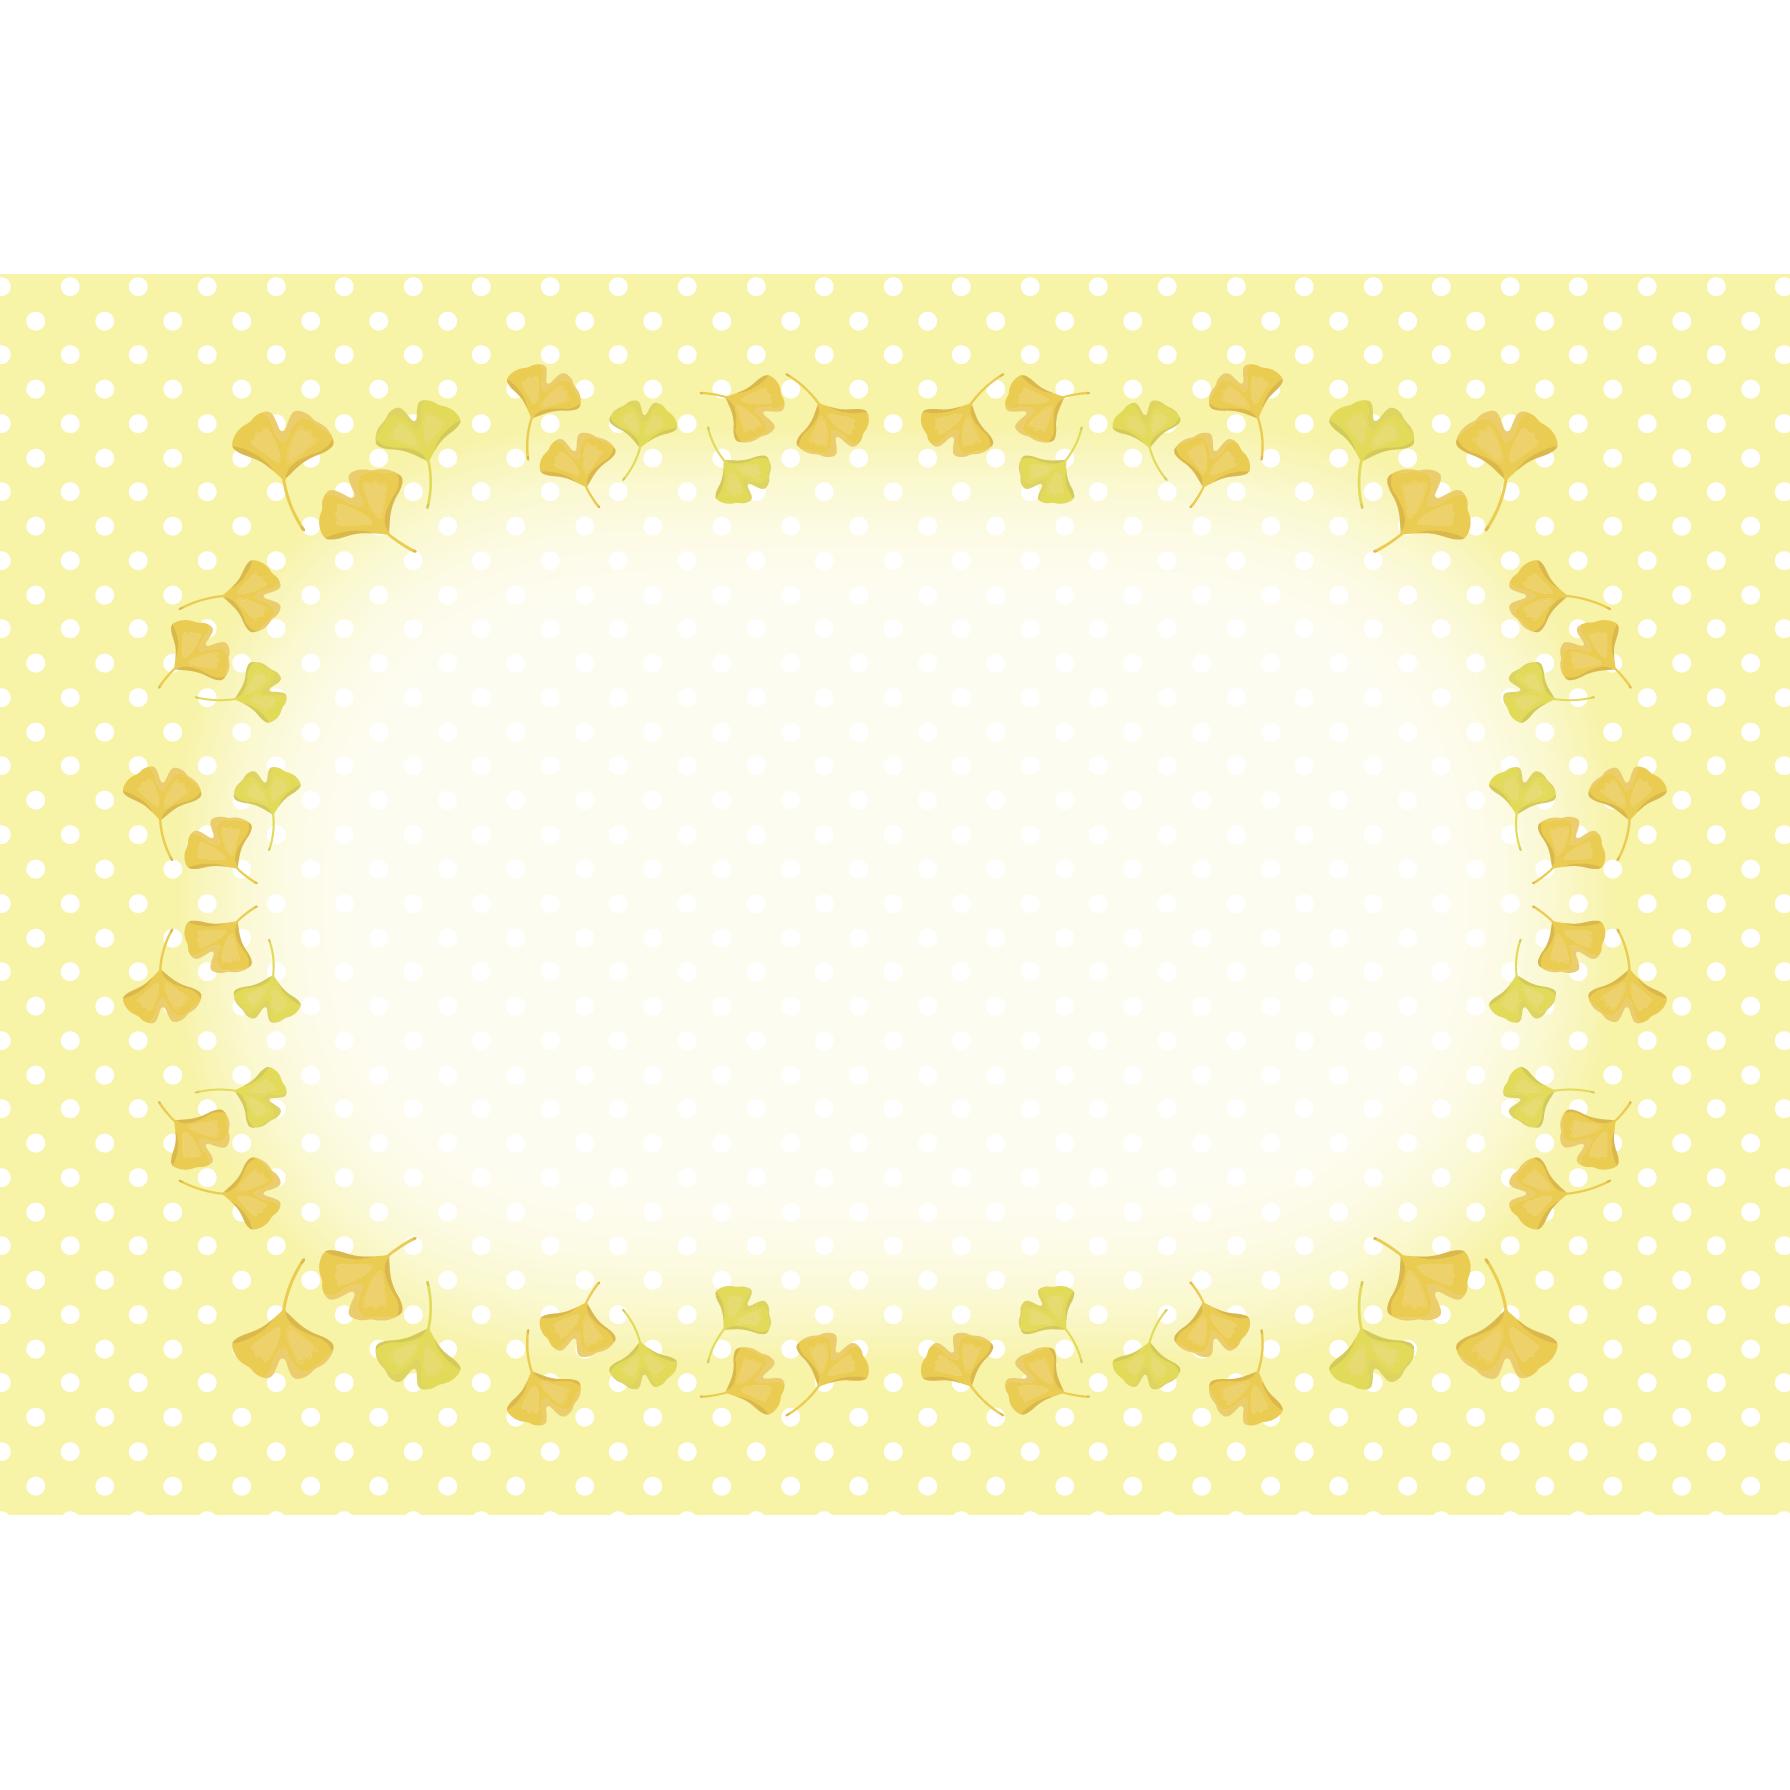 秋♪イチョウの葉っぱ! かわいい フレーム イラスト   商用フリー